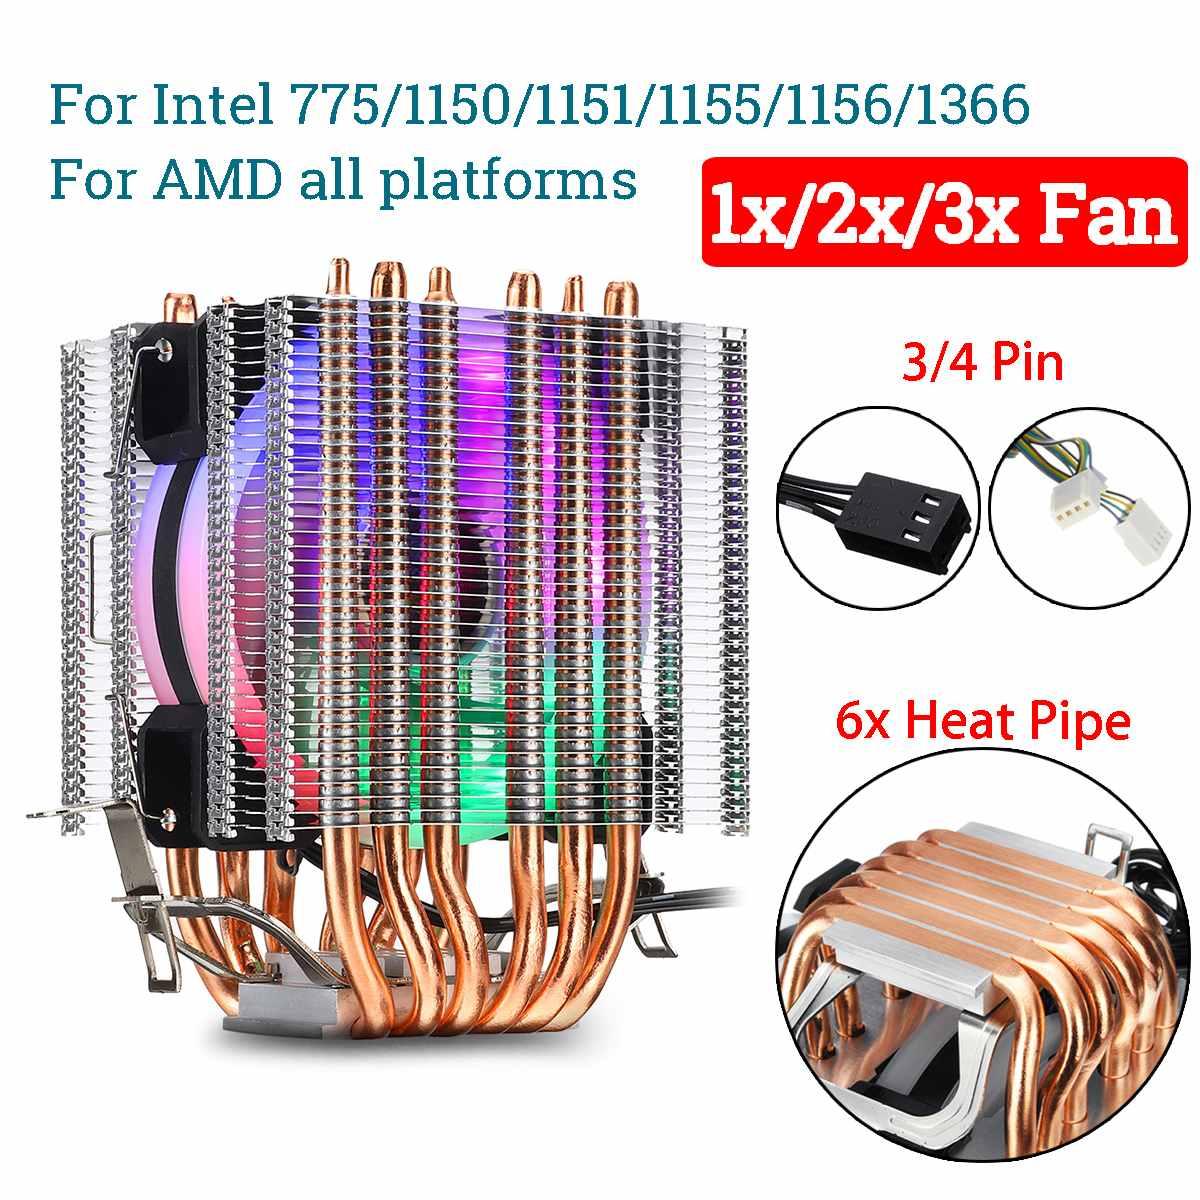 6 cuivre Heatpipe ventilateur refroidisseur de processeur dissipateur thermique 3/4 broches RGB ventilateur refroidisseur pour Intel 775/1150/1151/1155/1156/1366 et AMD toutes les plates-formes